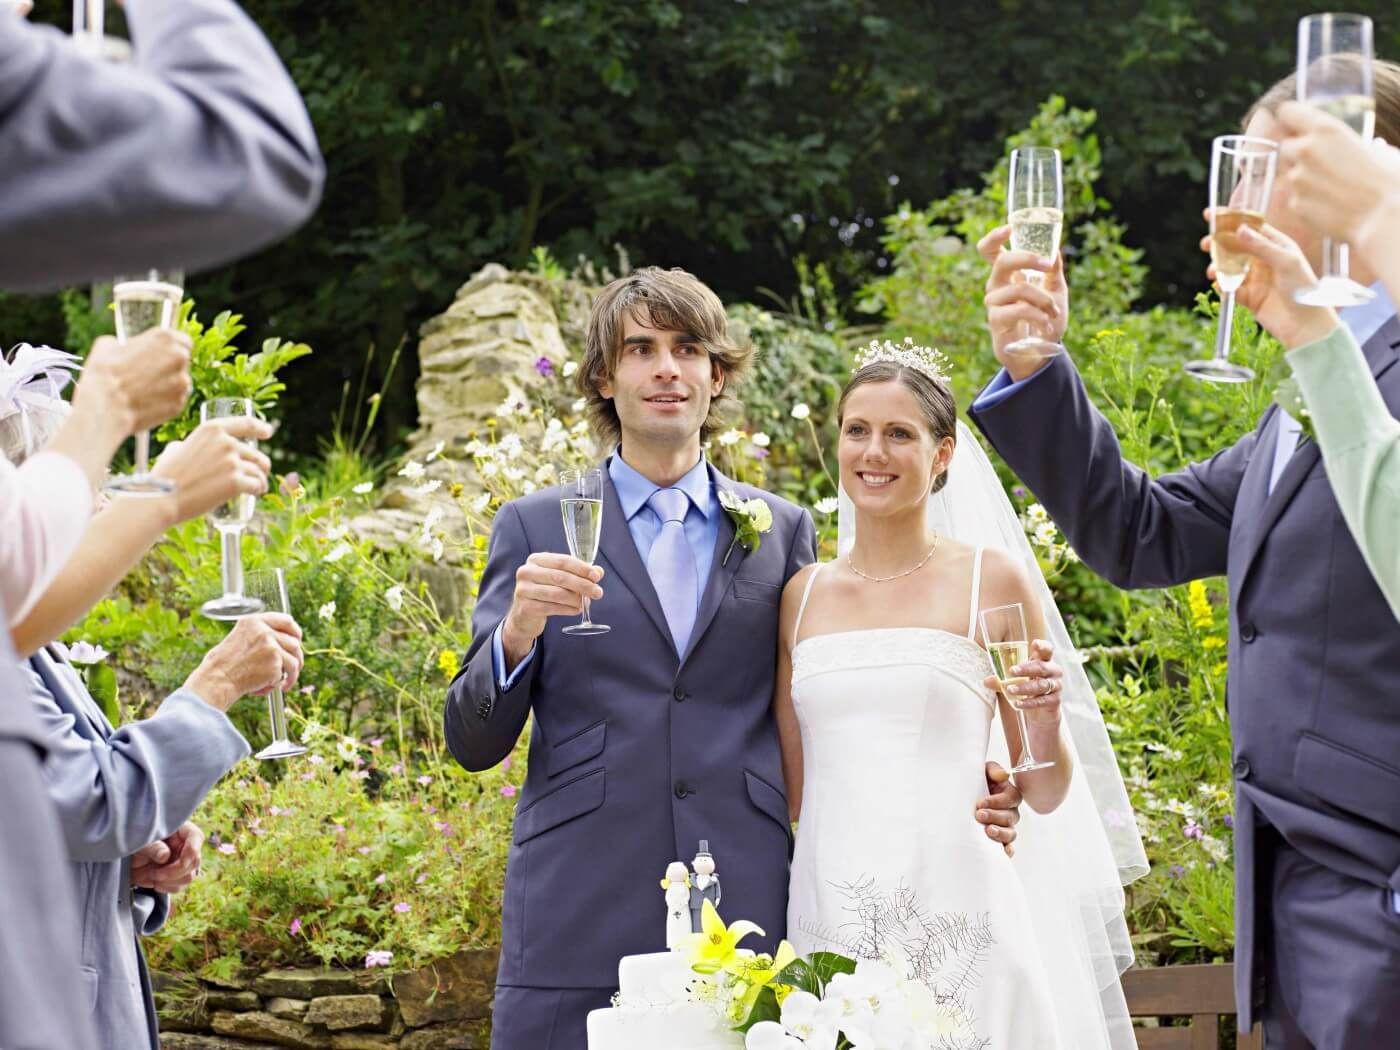 Hochzeit Rede Bräutigam  Eine Hochzeitsrede alle umhaut Kein Problem mit